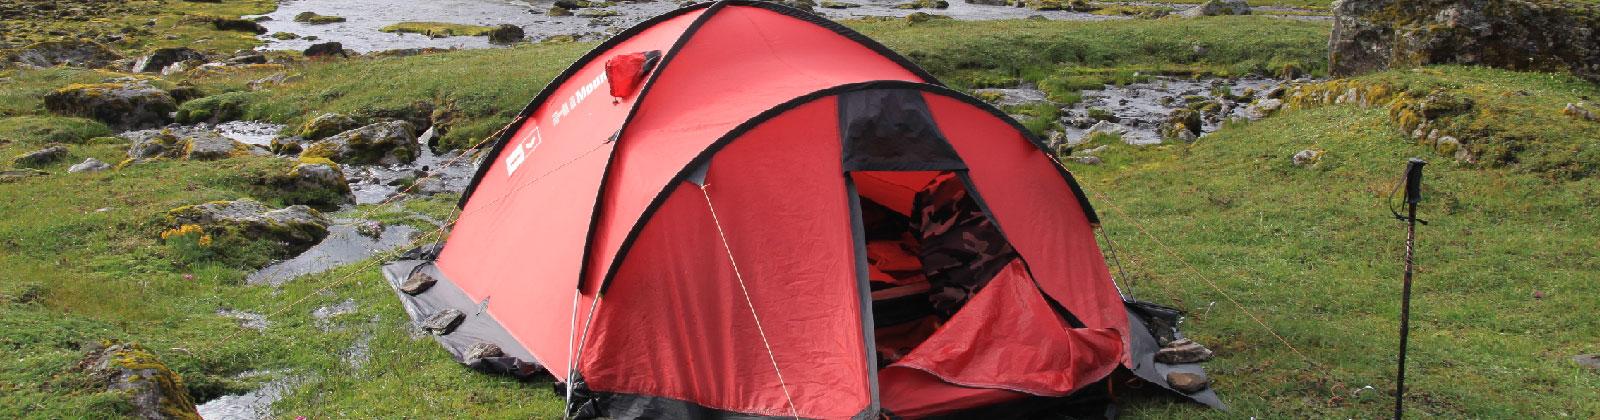 camping-uttarakhand